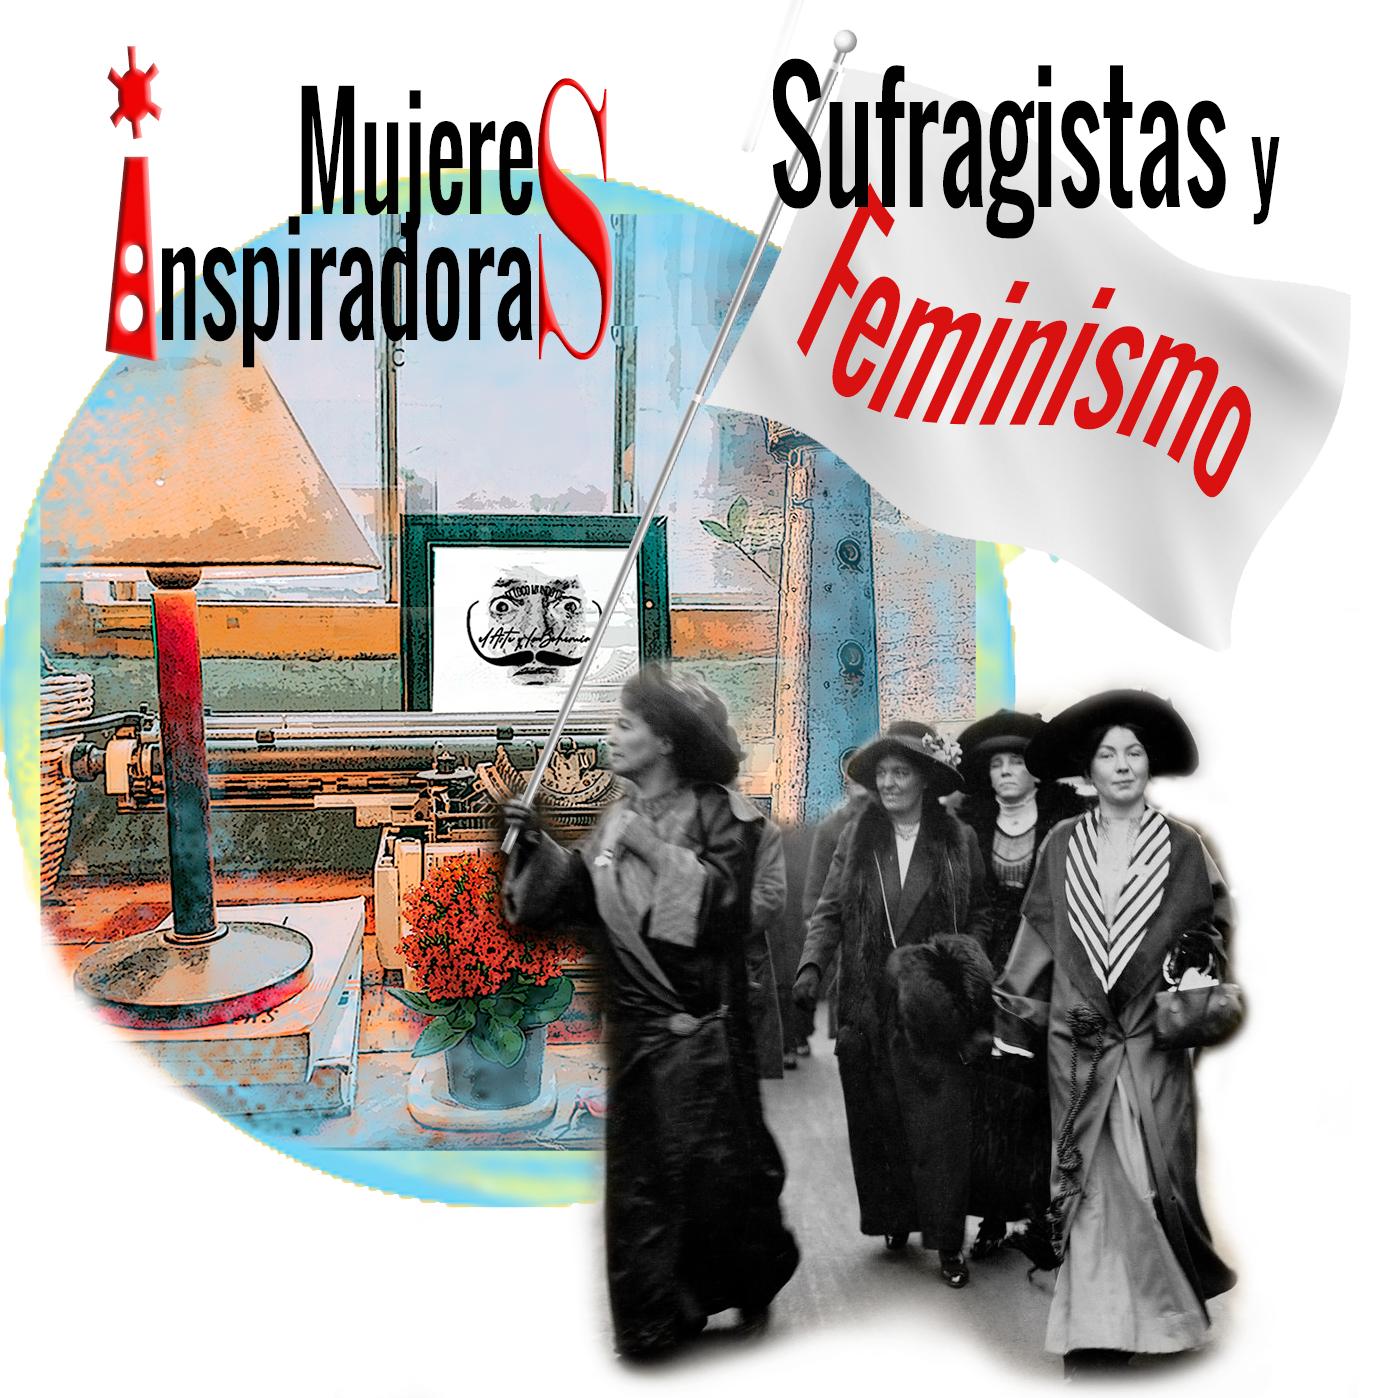 Mujeres Inspiradoras con Sufragistas en blanco y negro portando una bandera ondeando la palabra Feminismo. Loco Mundo Arte y Bohemia